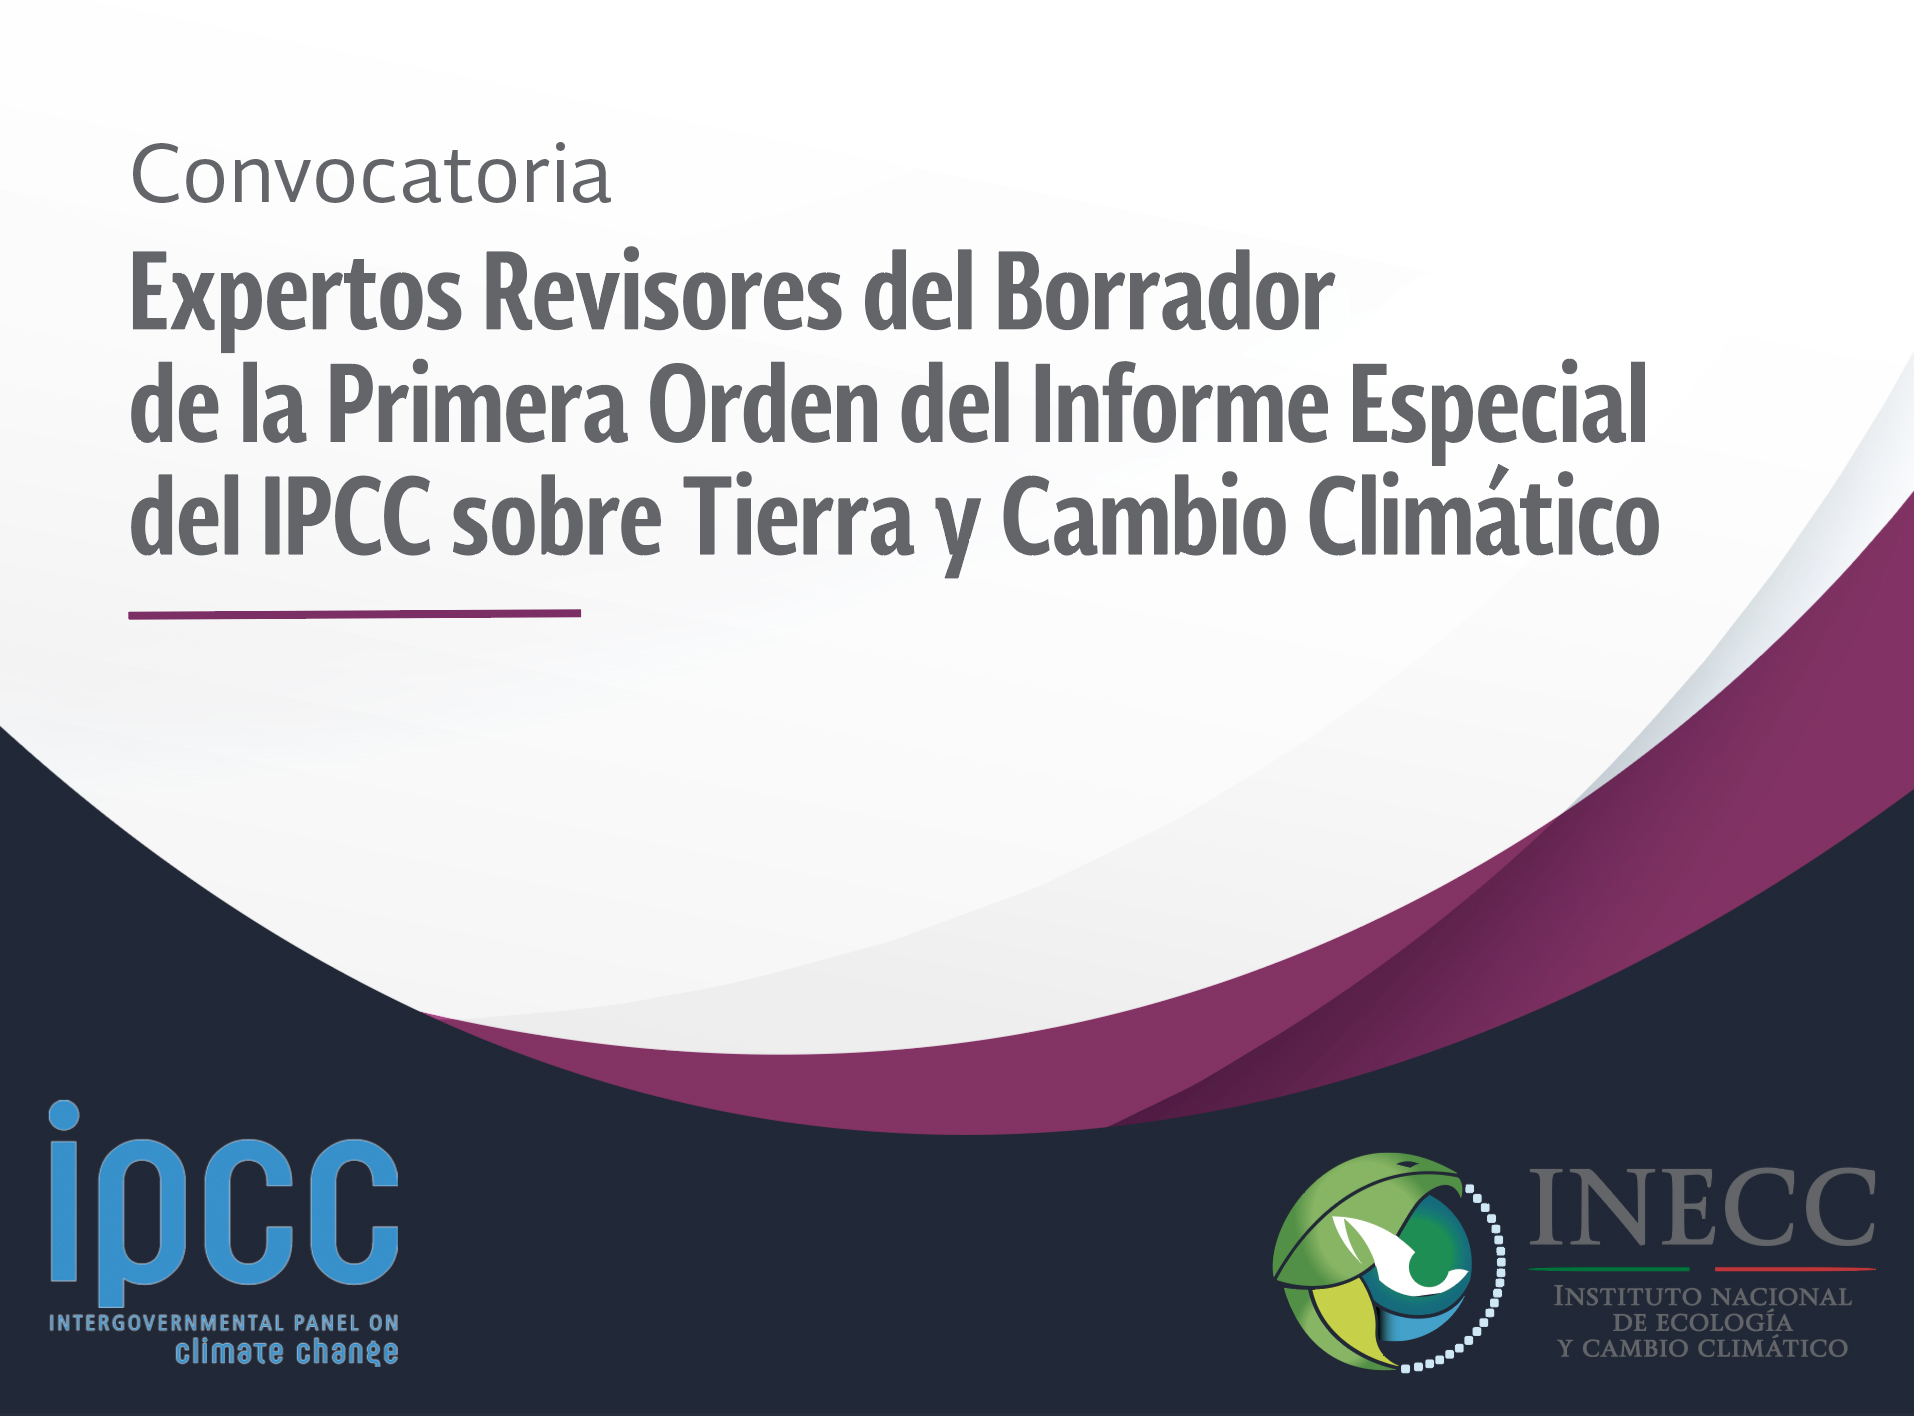 Convocatoria IPCC Revisores Borrador Primera Orden del Informe sobre Tierra y Cambio Climático